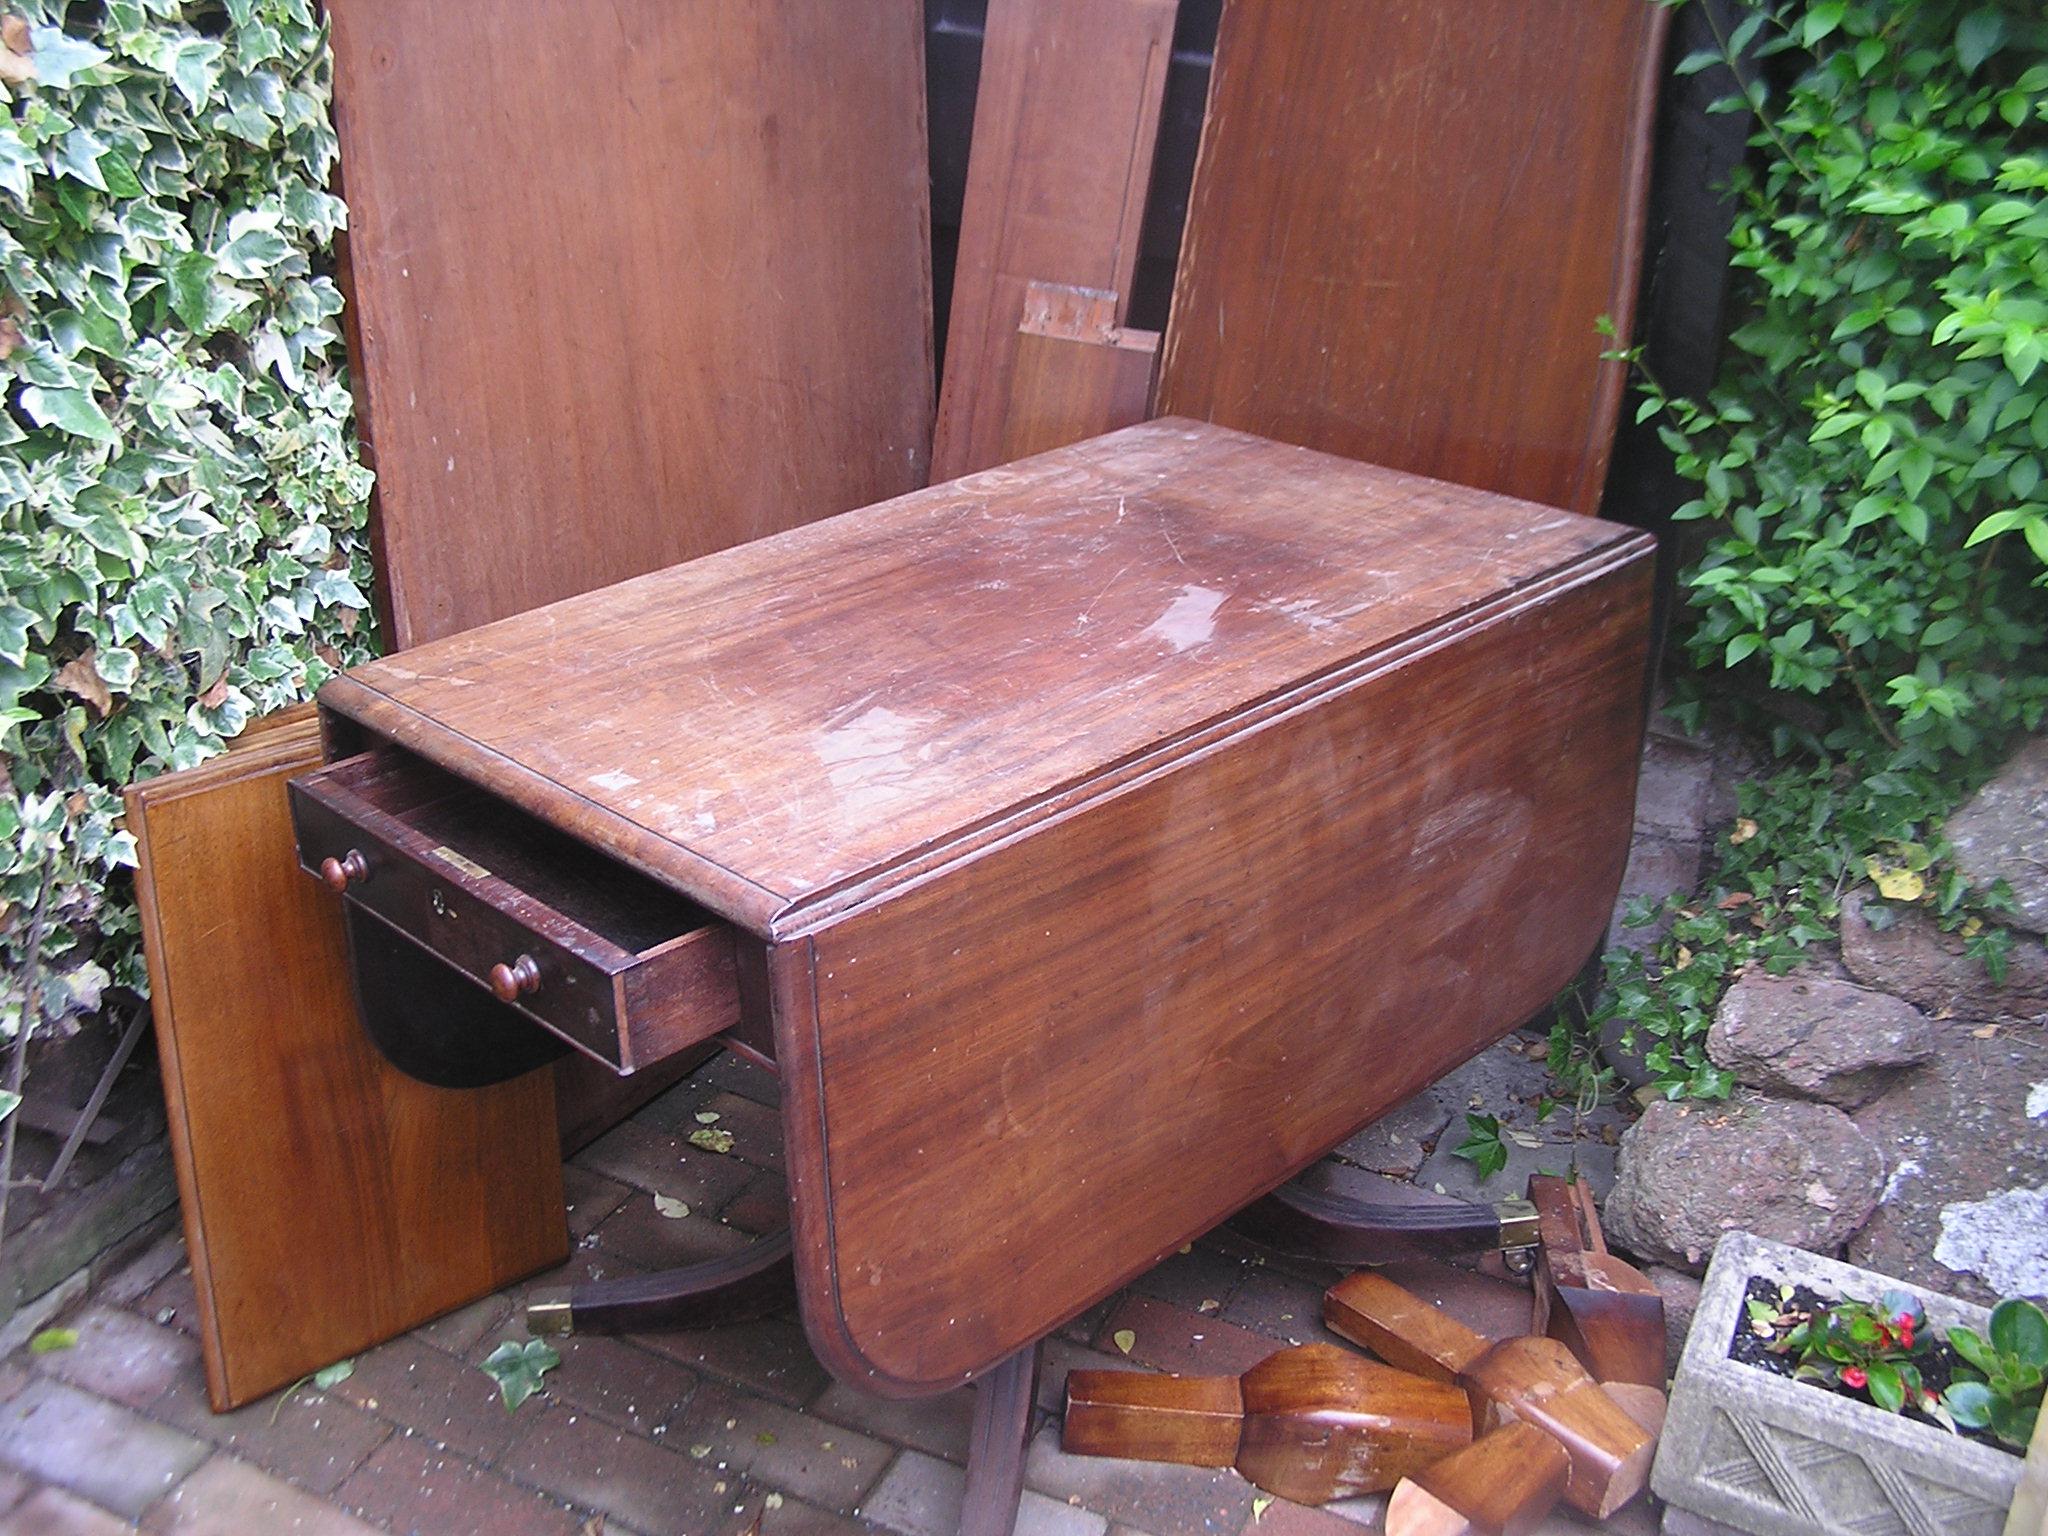 Cuban Mahogany table